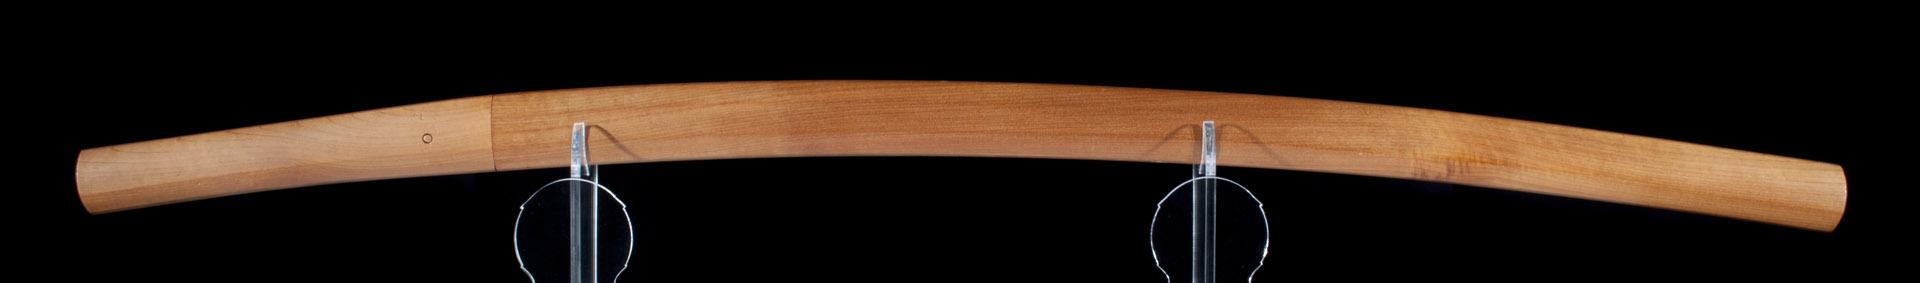 Katana Hizen Masahiro sabre japonais (2)